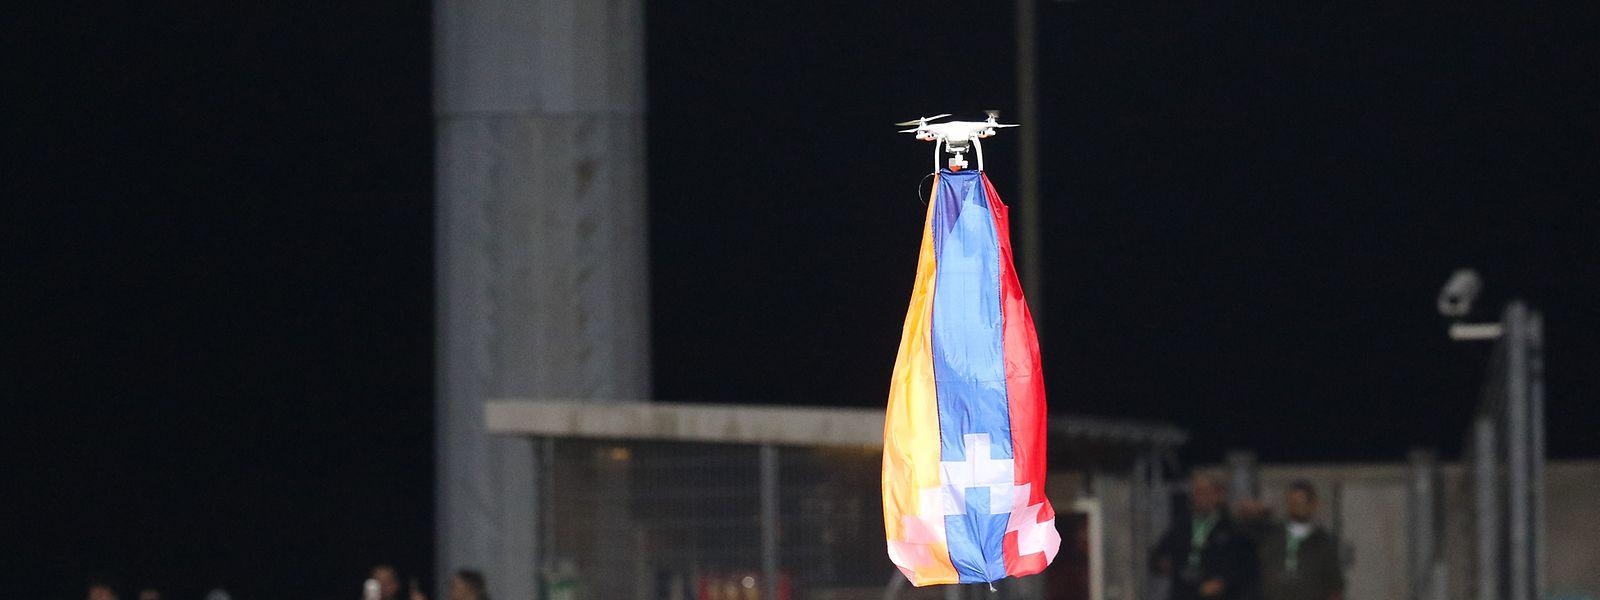 Die Drohne mit der Flagge der Region Bergkarabach sorgt vor rund einem Jahr für viele Turbulenzen.